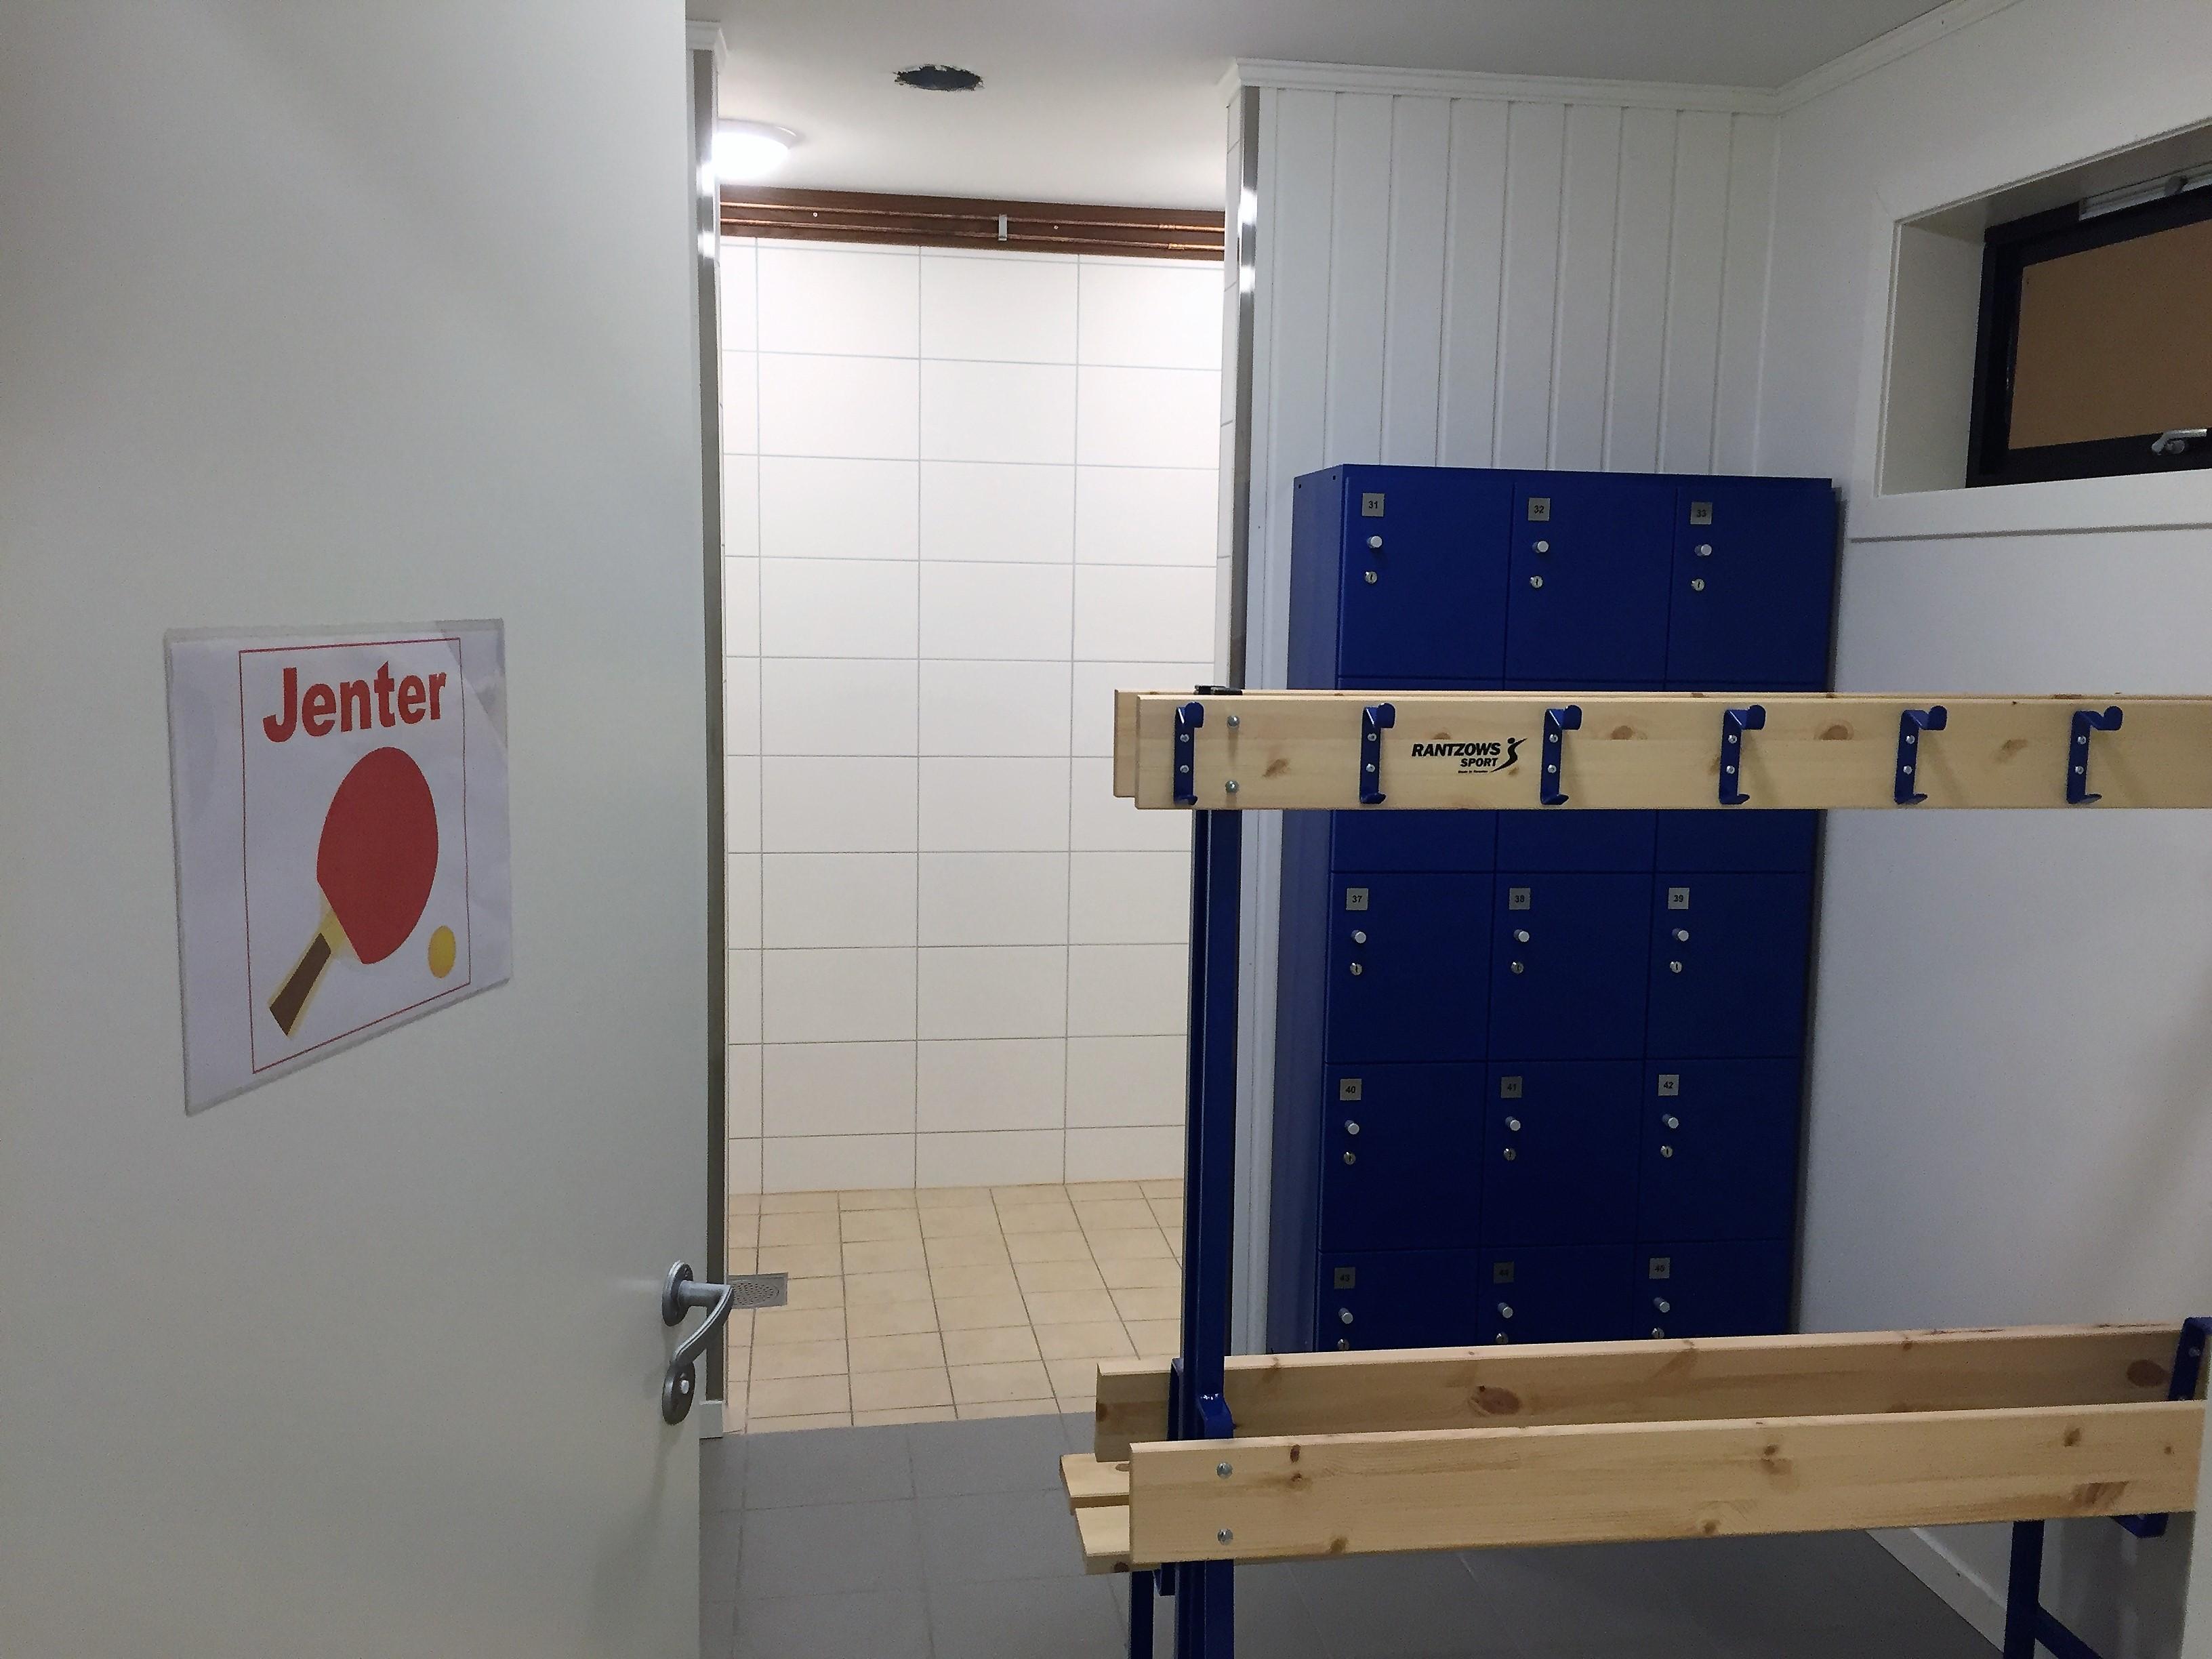 JENTEGARDEROBEN: Åpen, men her var det kun toalettet som ble benyttet i dag.